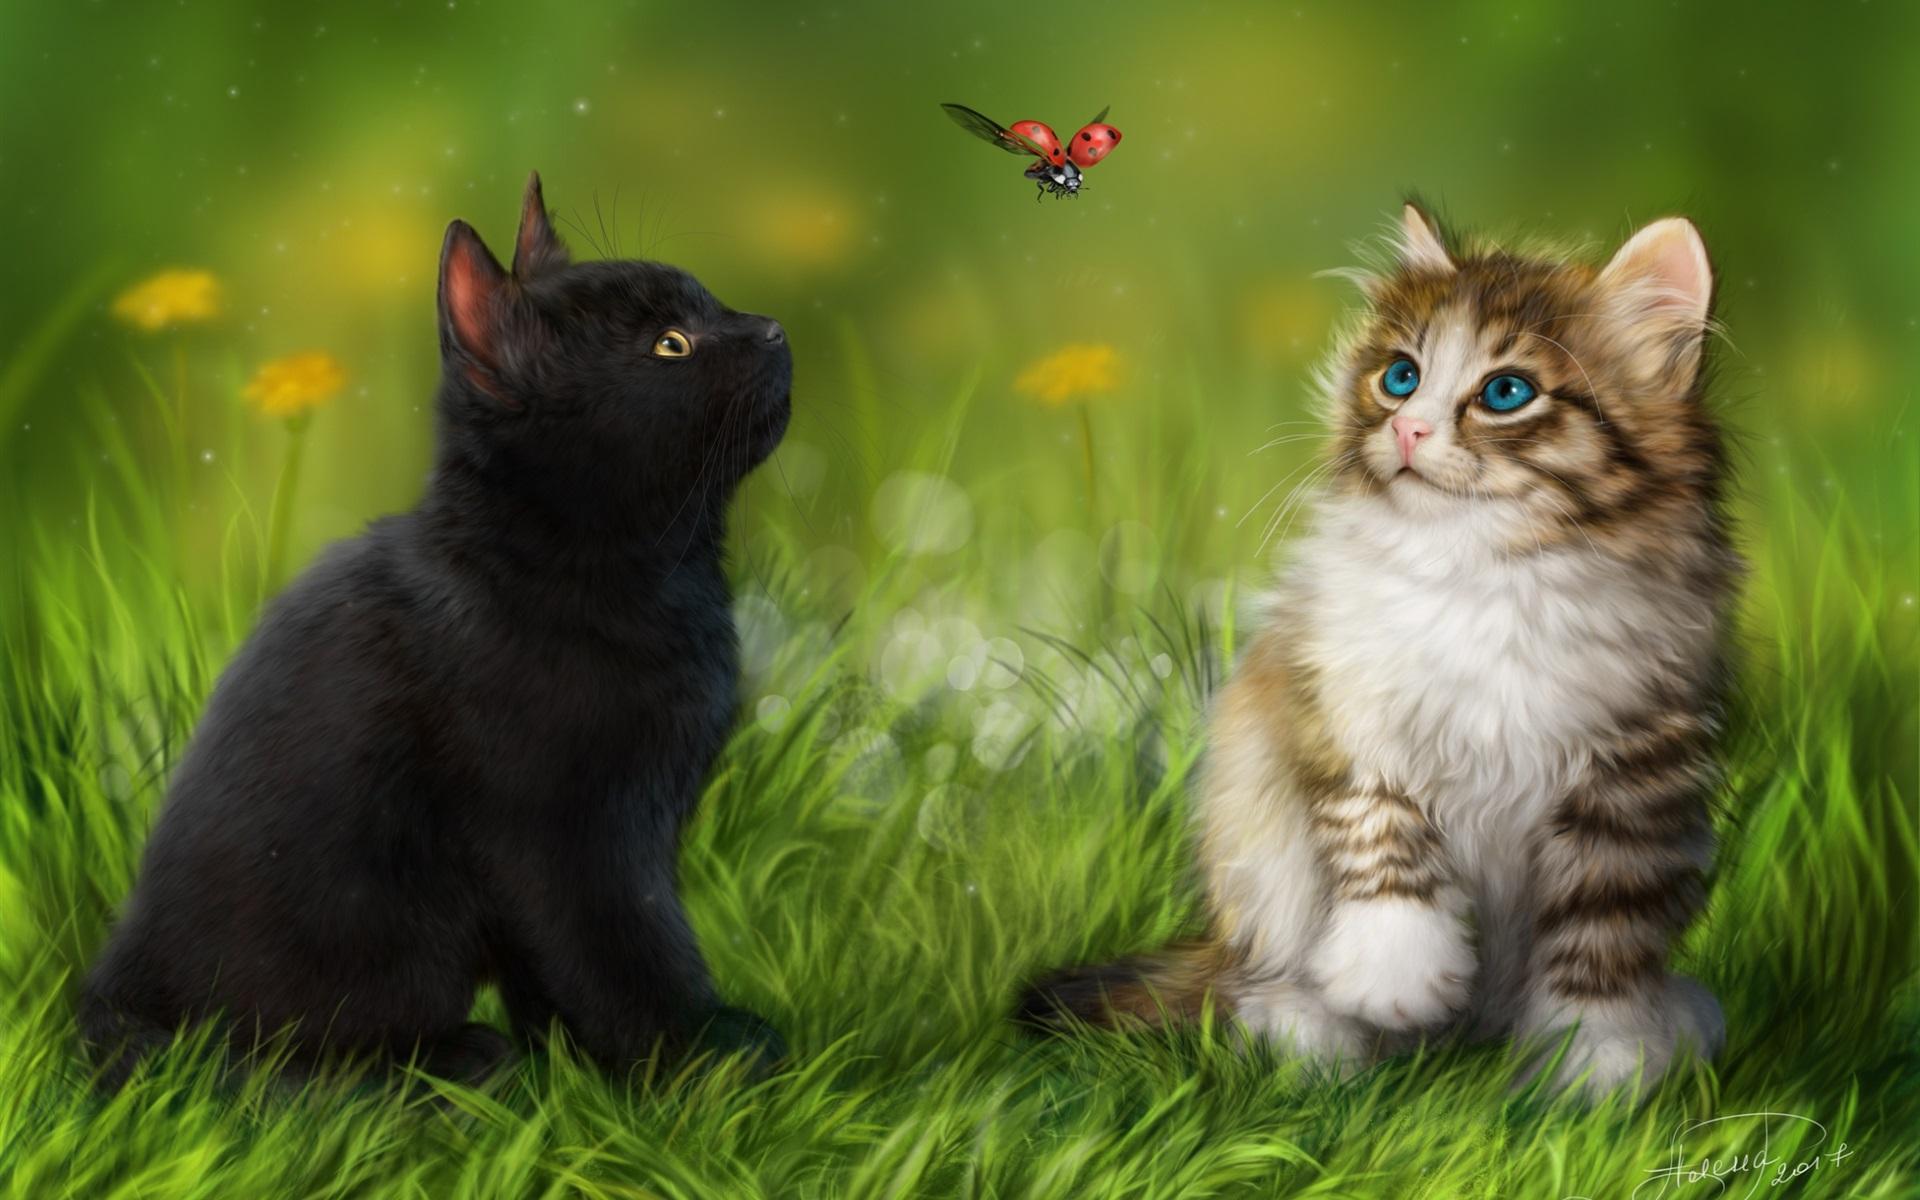 Котенок в мелкой траве  № 2954022 бесплатно